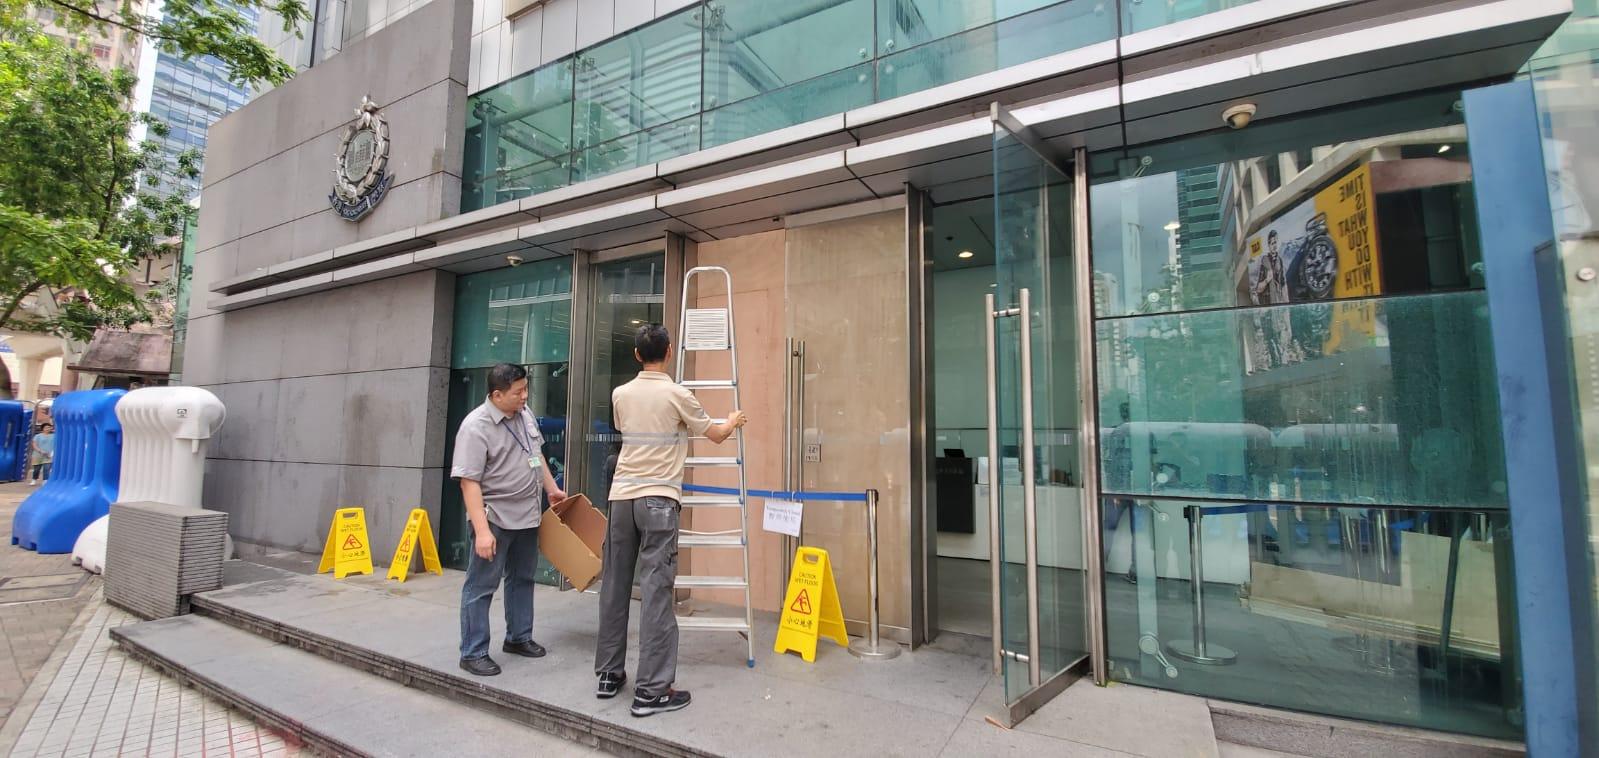 警察總部警政大樓軍器廠街入口有玻璃門被擊碎,工人到場維修。 楊偉亨攝